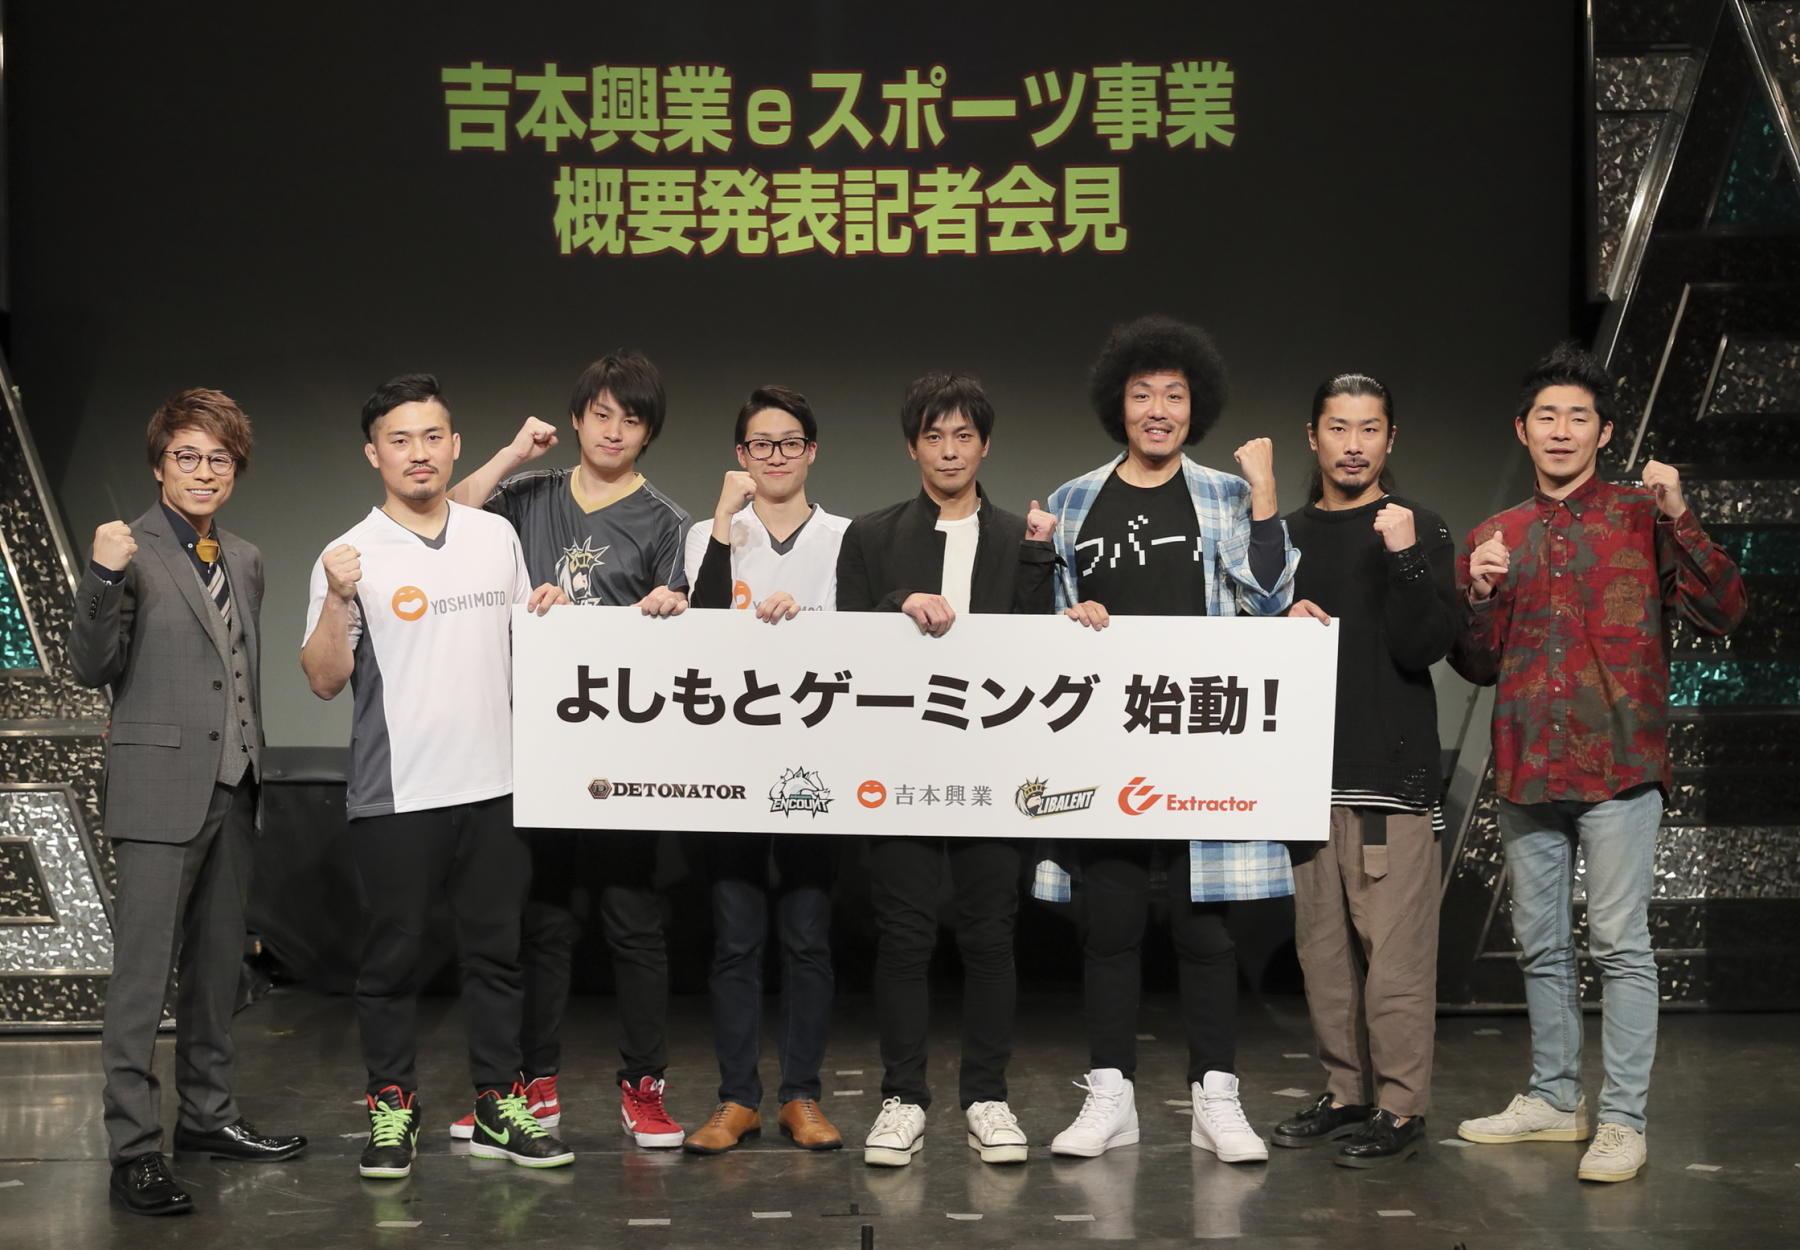 http://news.yoshimoto.co.jp/20180307170007-019190b009518c91d23bc350f8f2efff3e11cdbd.jpg